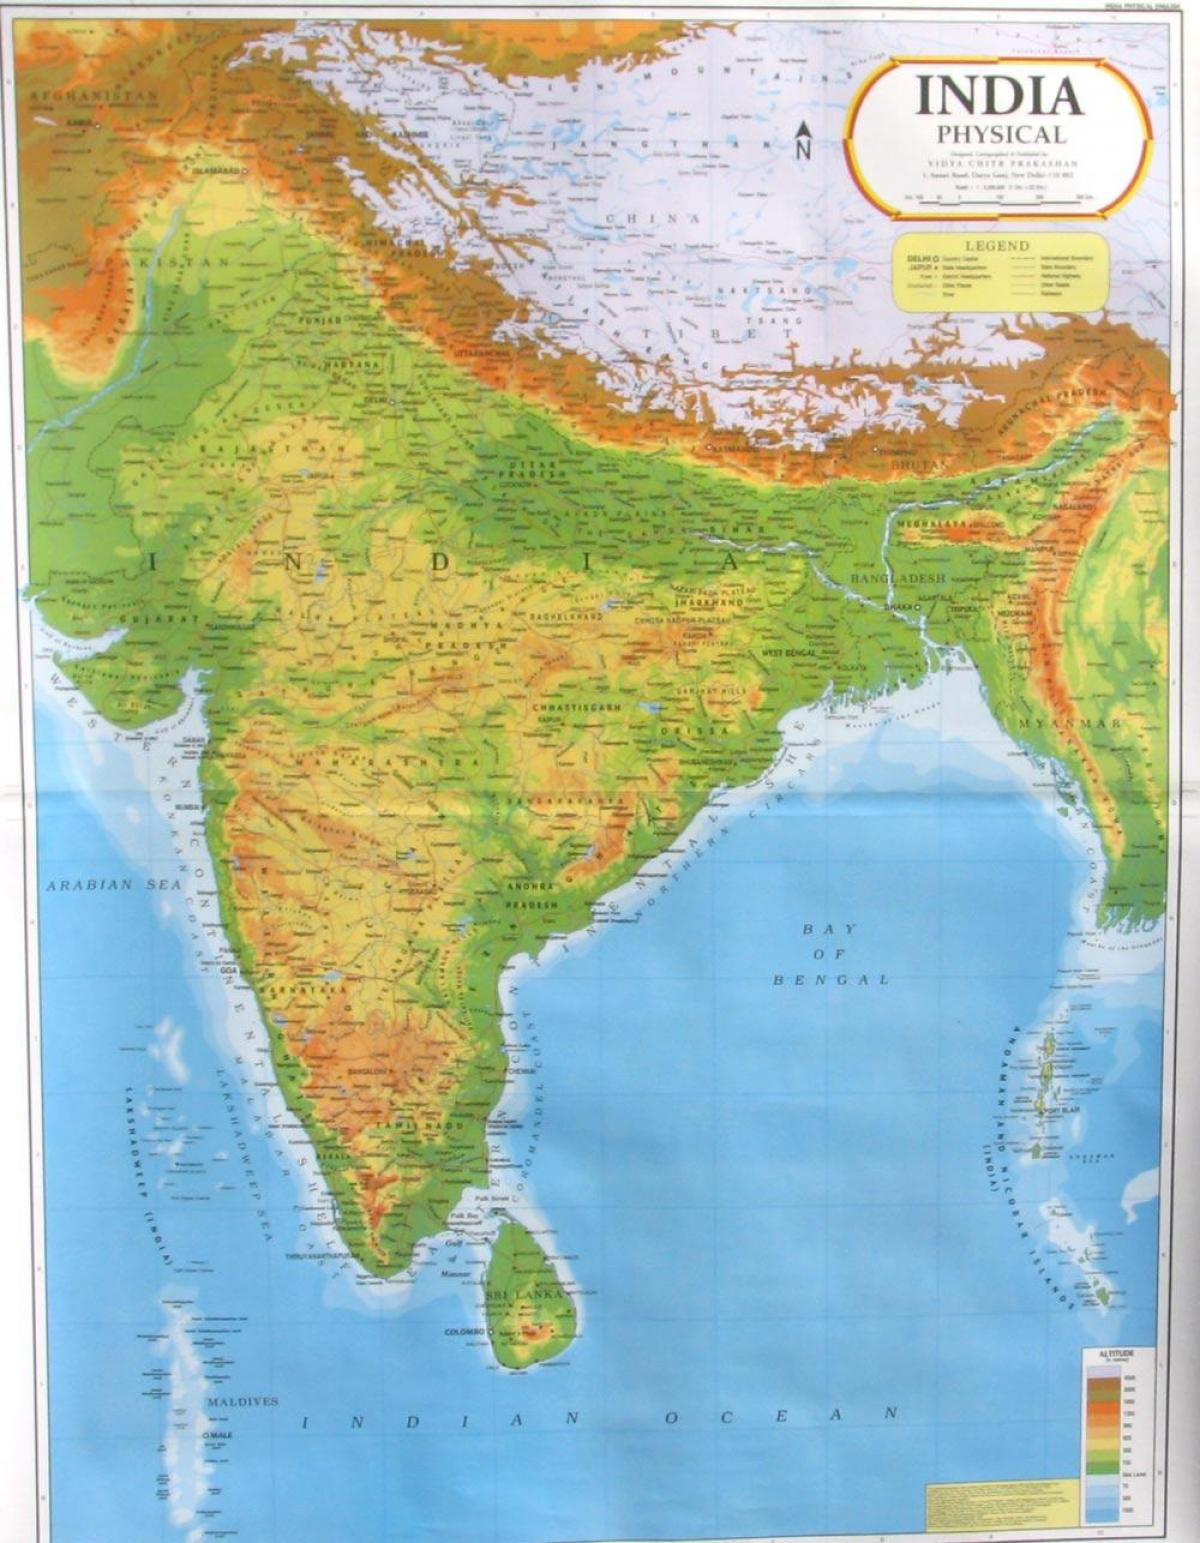 Carte Inde Relief.L Inde Le Relief La Carte Carte De L Inde Relief Asie